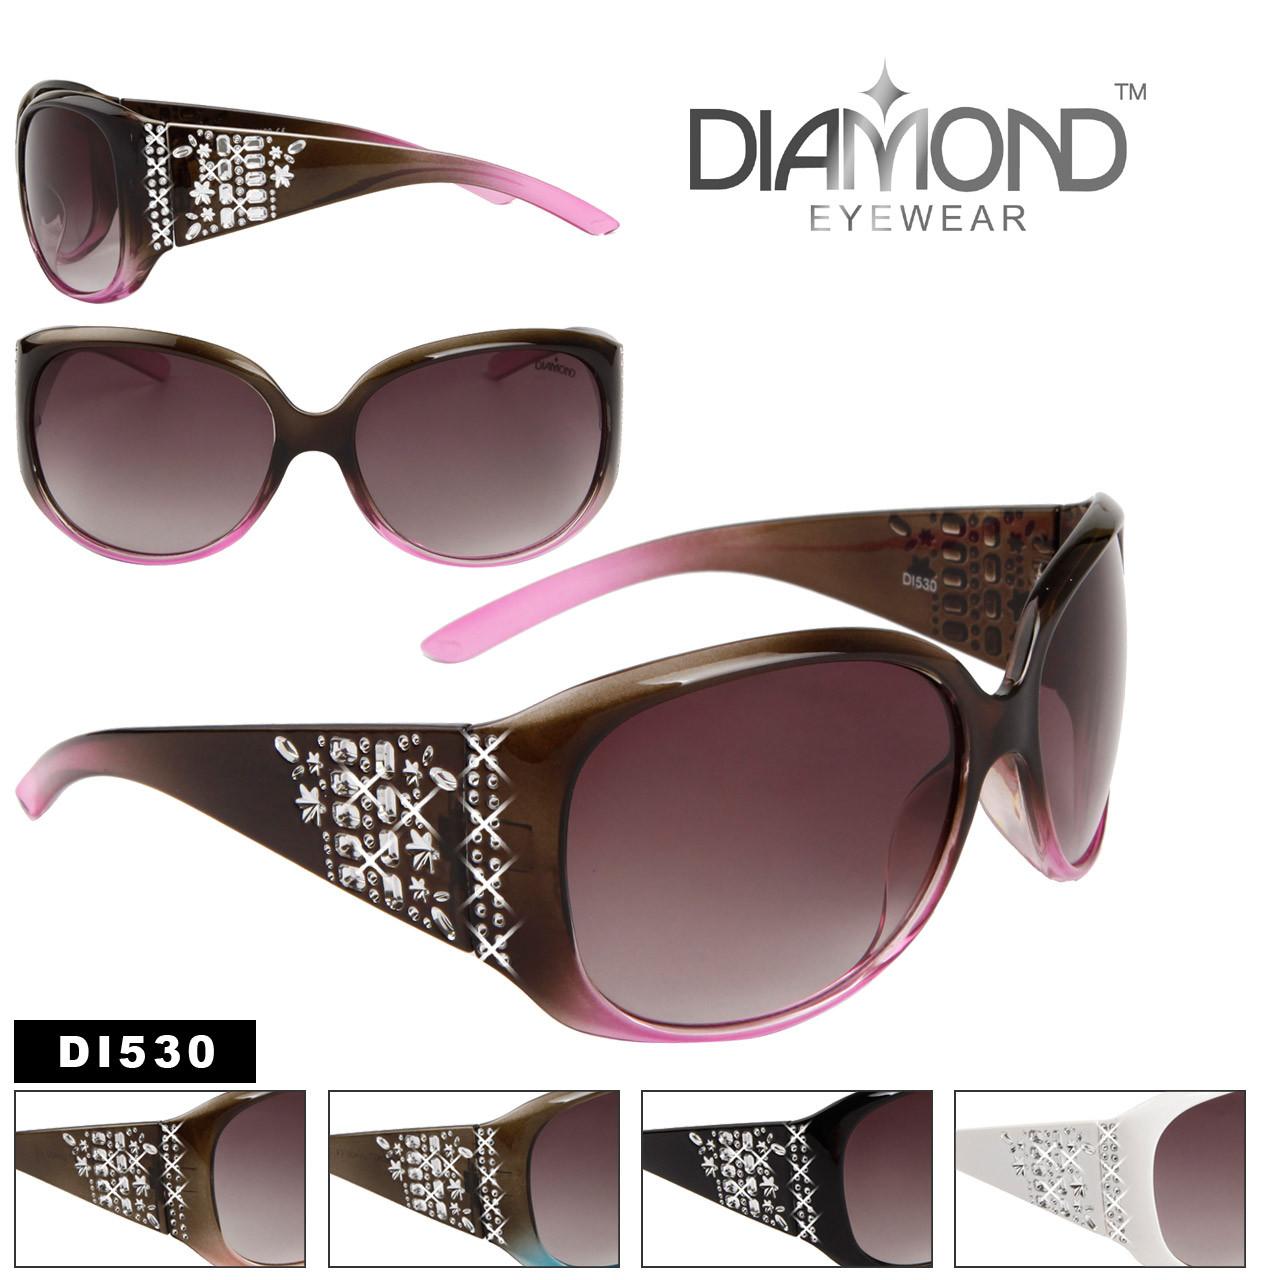 0f306c5bf6 Women  39 s Fashion Sunglasses by the Dozen - Style   DI530 (12